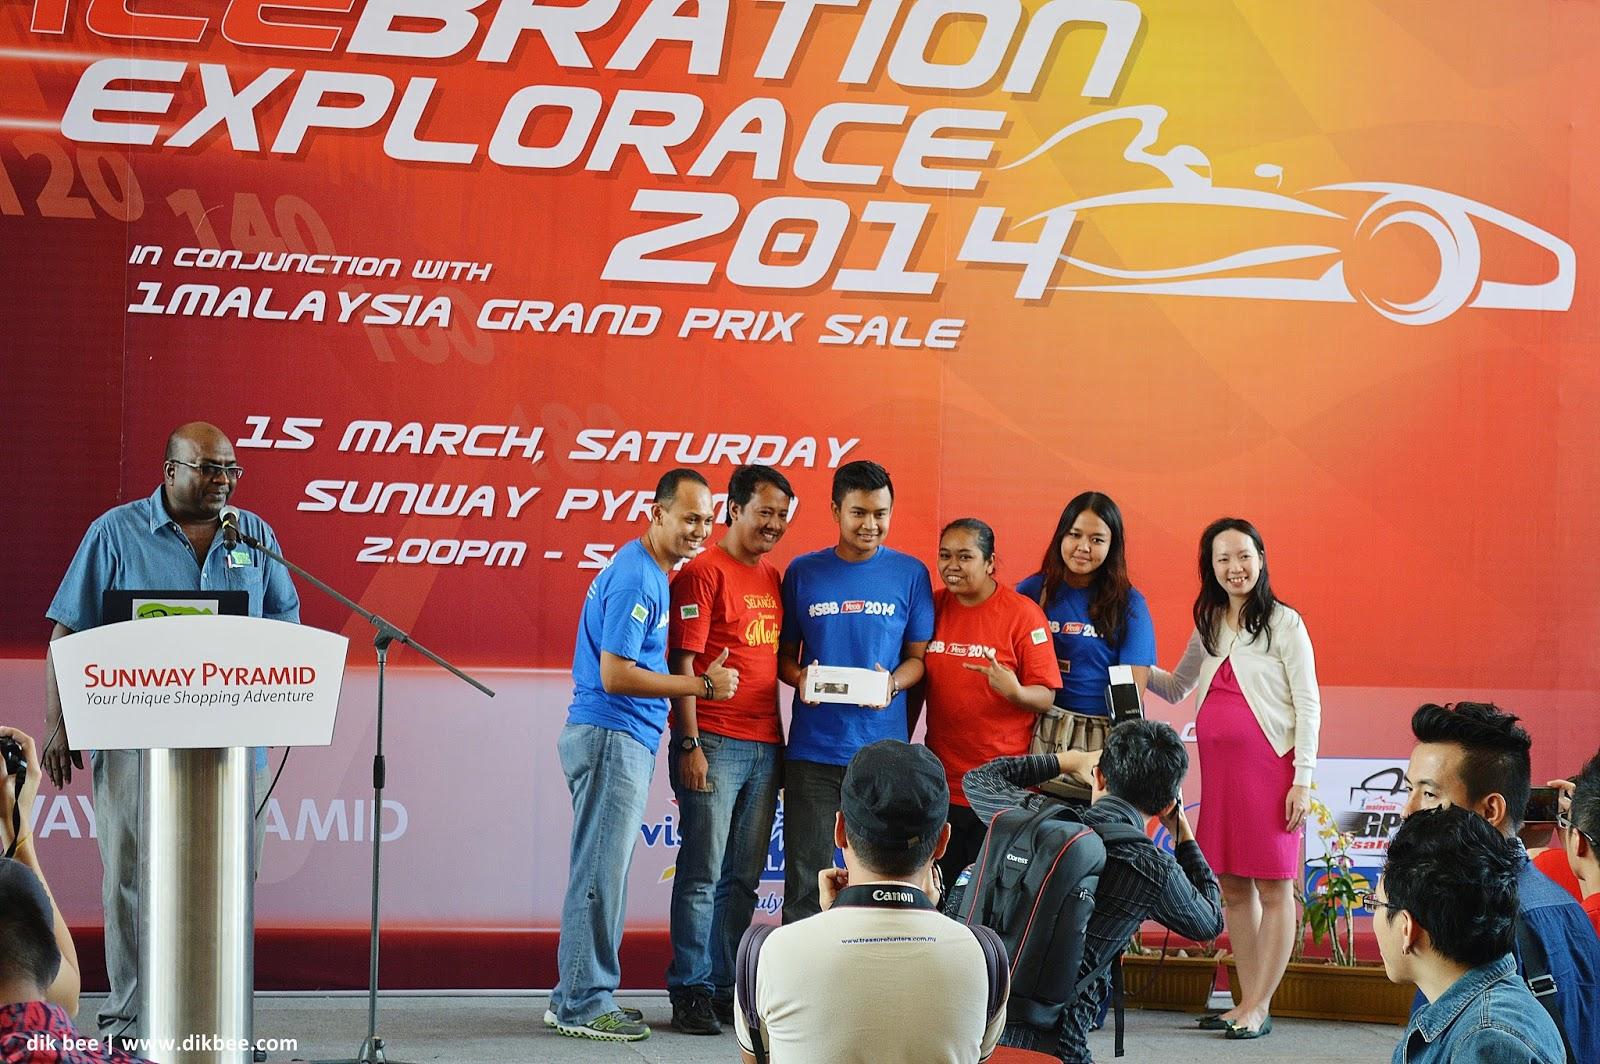 Salebration Explorace 2014 | Meriah Di Sunway Pyramid